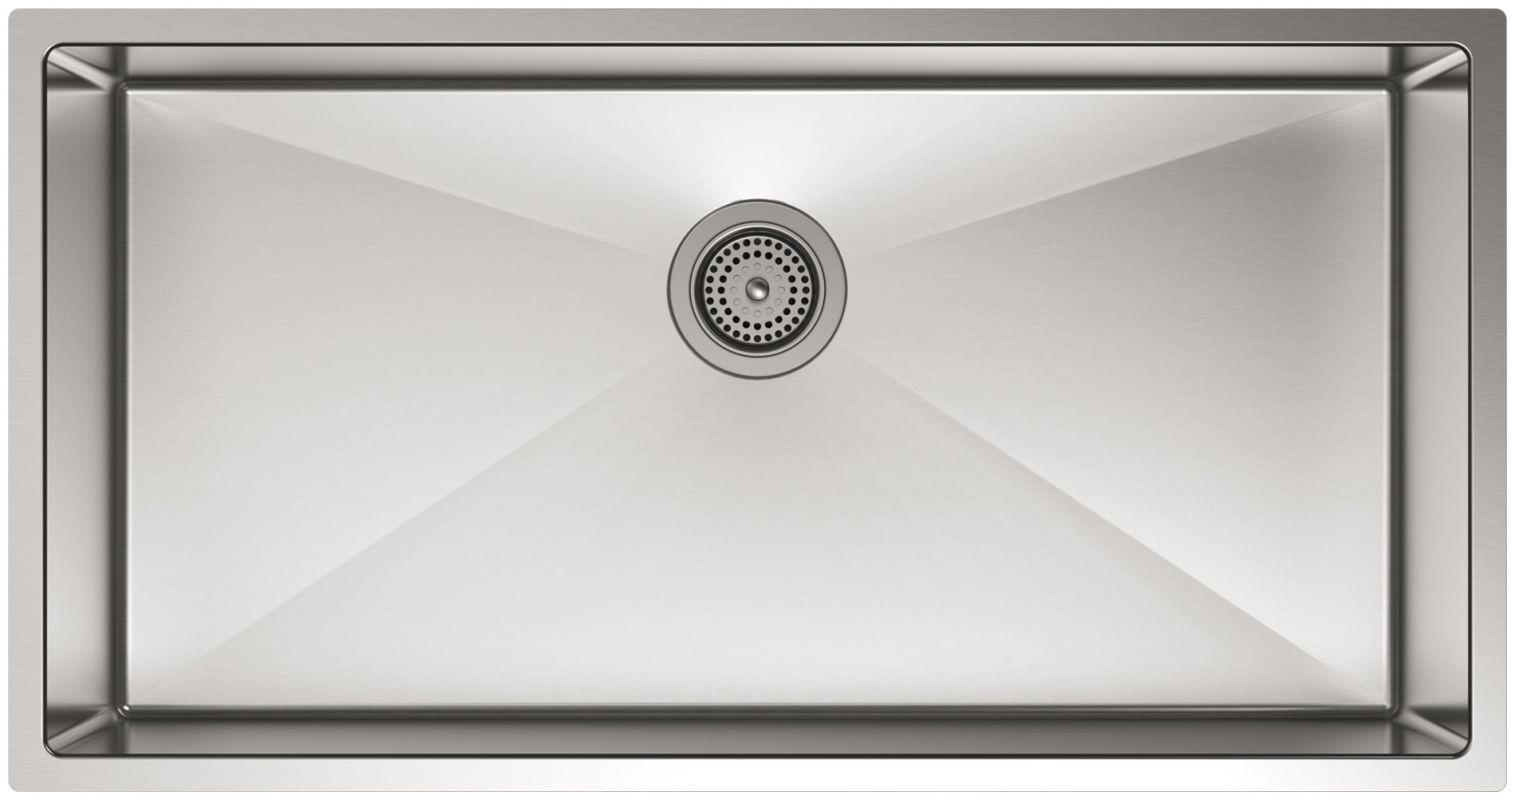 Kohler Stainless Steel Kitchen Sinks faucet | k-5283-na in stainless steelkohler